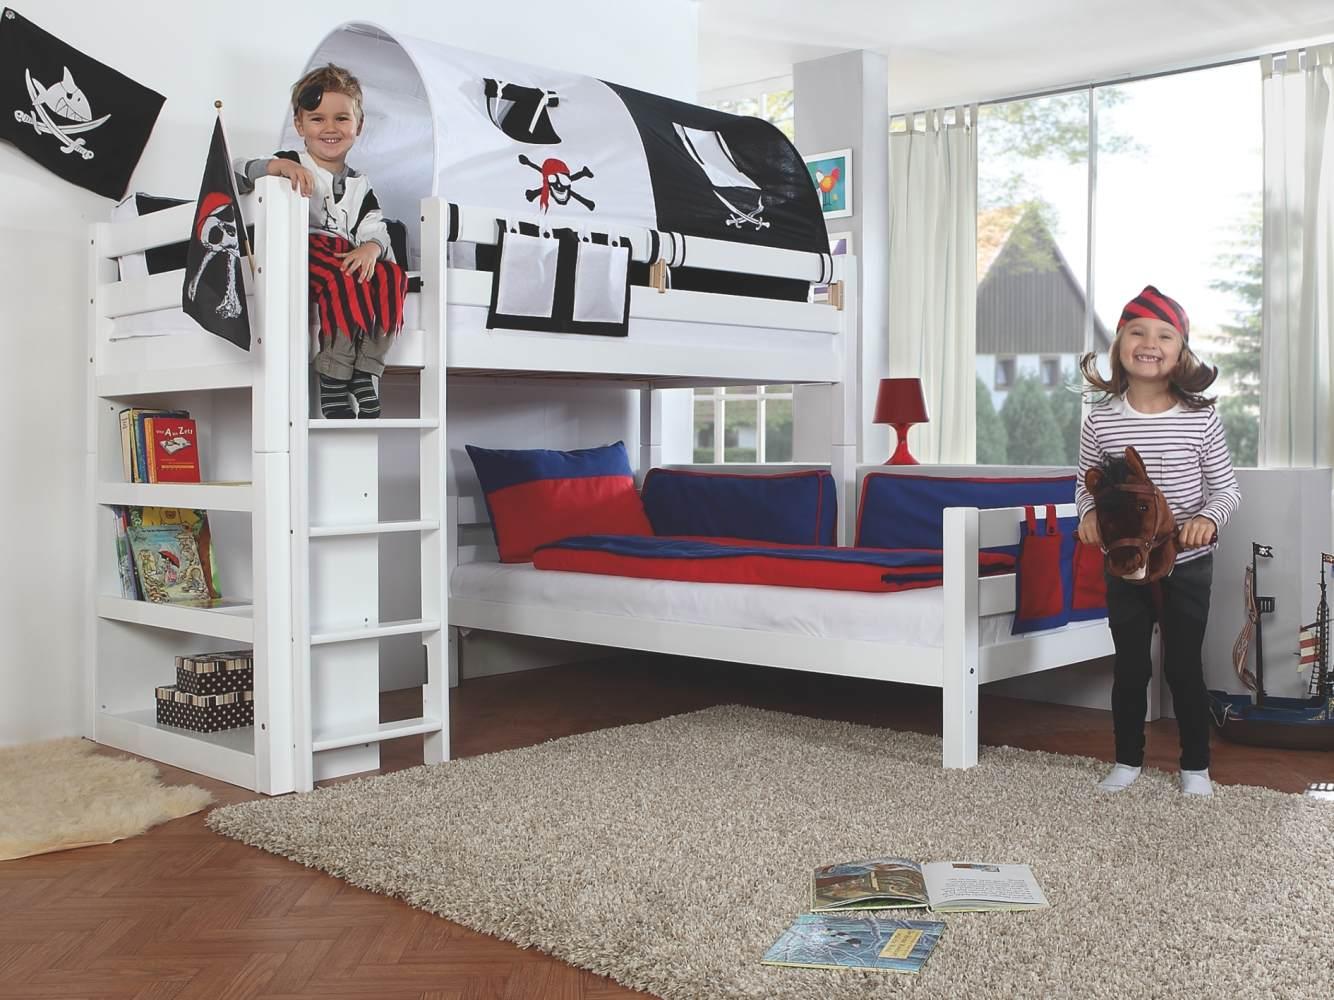 Relita Etagenbett BENI L Buche massiv weiß lackiert, 2 Liegeflächen über Eck, mit Stoffset Pirat Bild 1